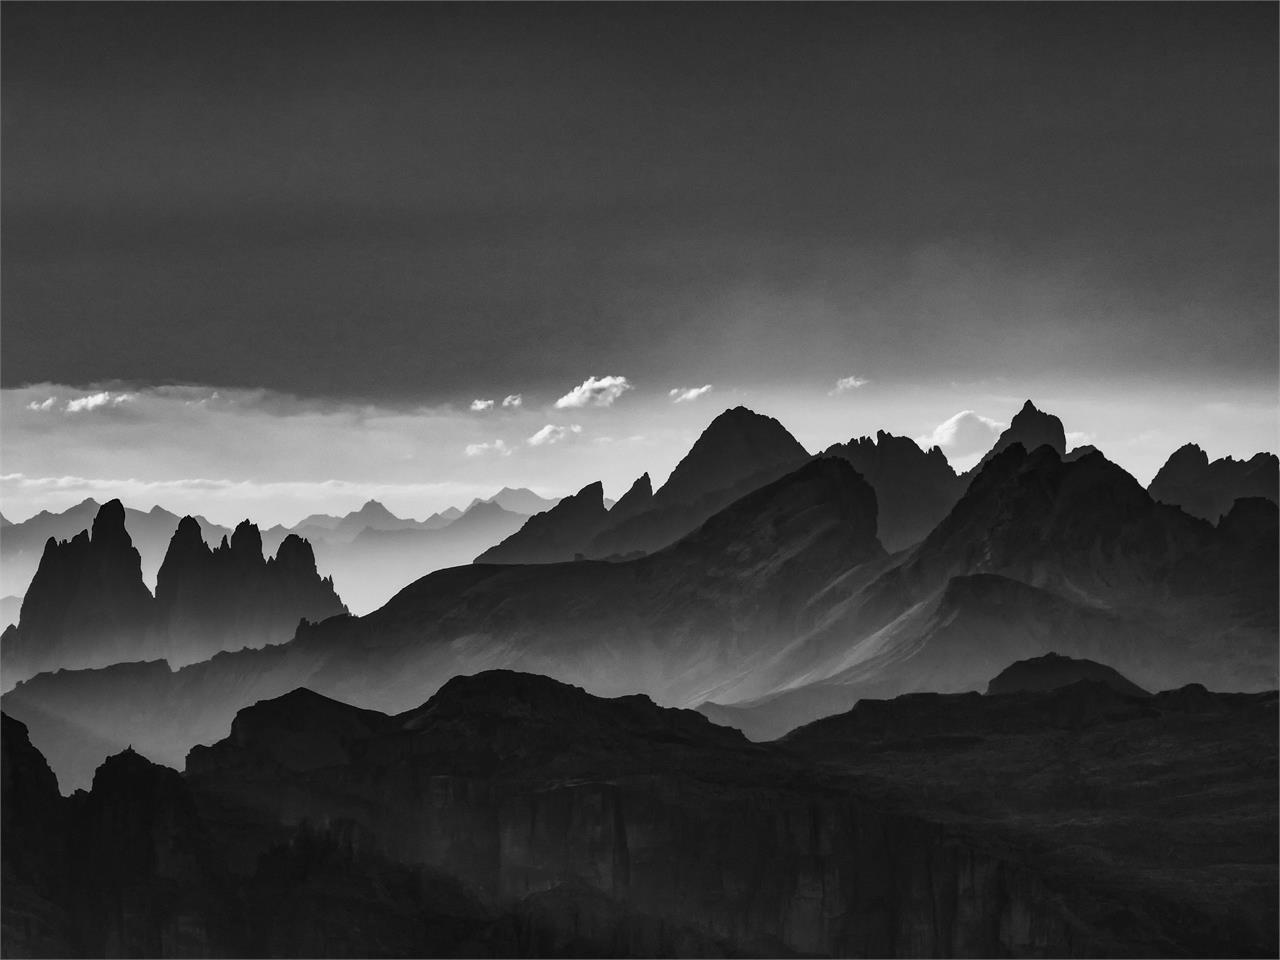 TWENTY Photo exhibition VAL BADIA - DOLOMITES UNESCO WORLD HERITAGE